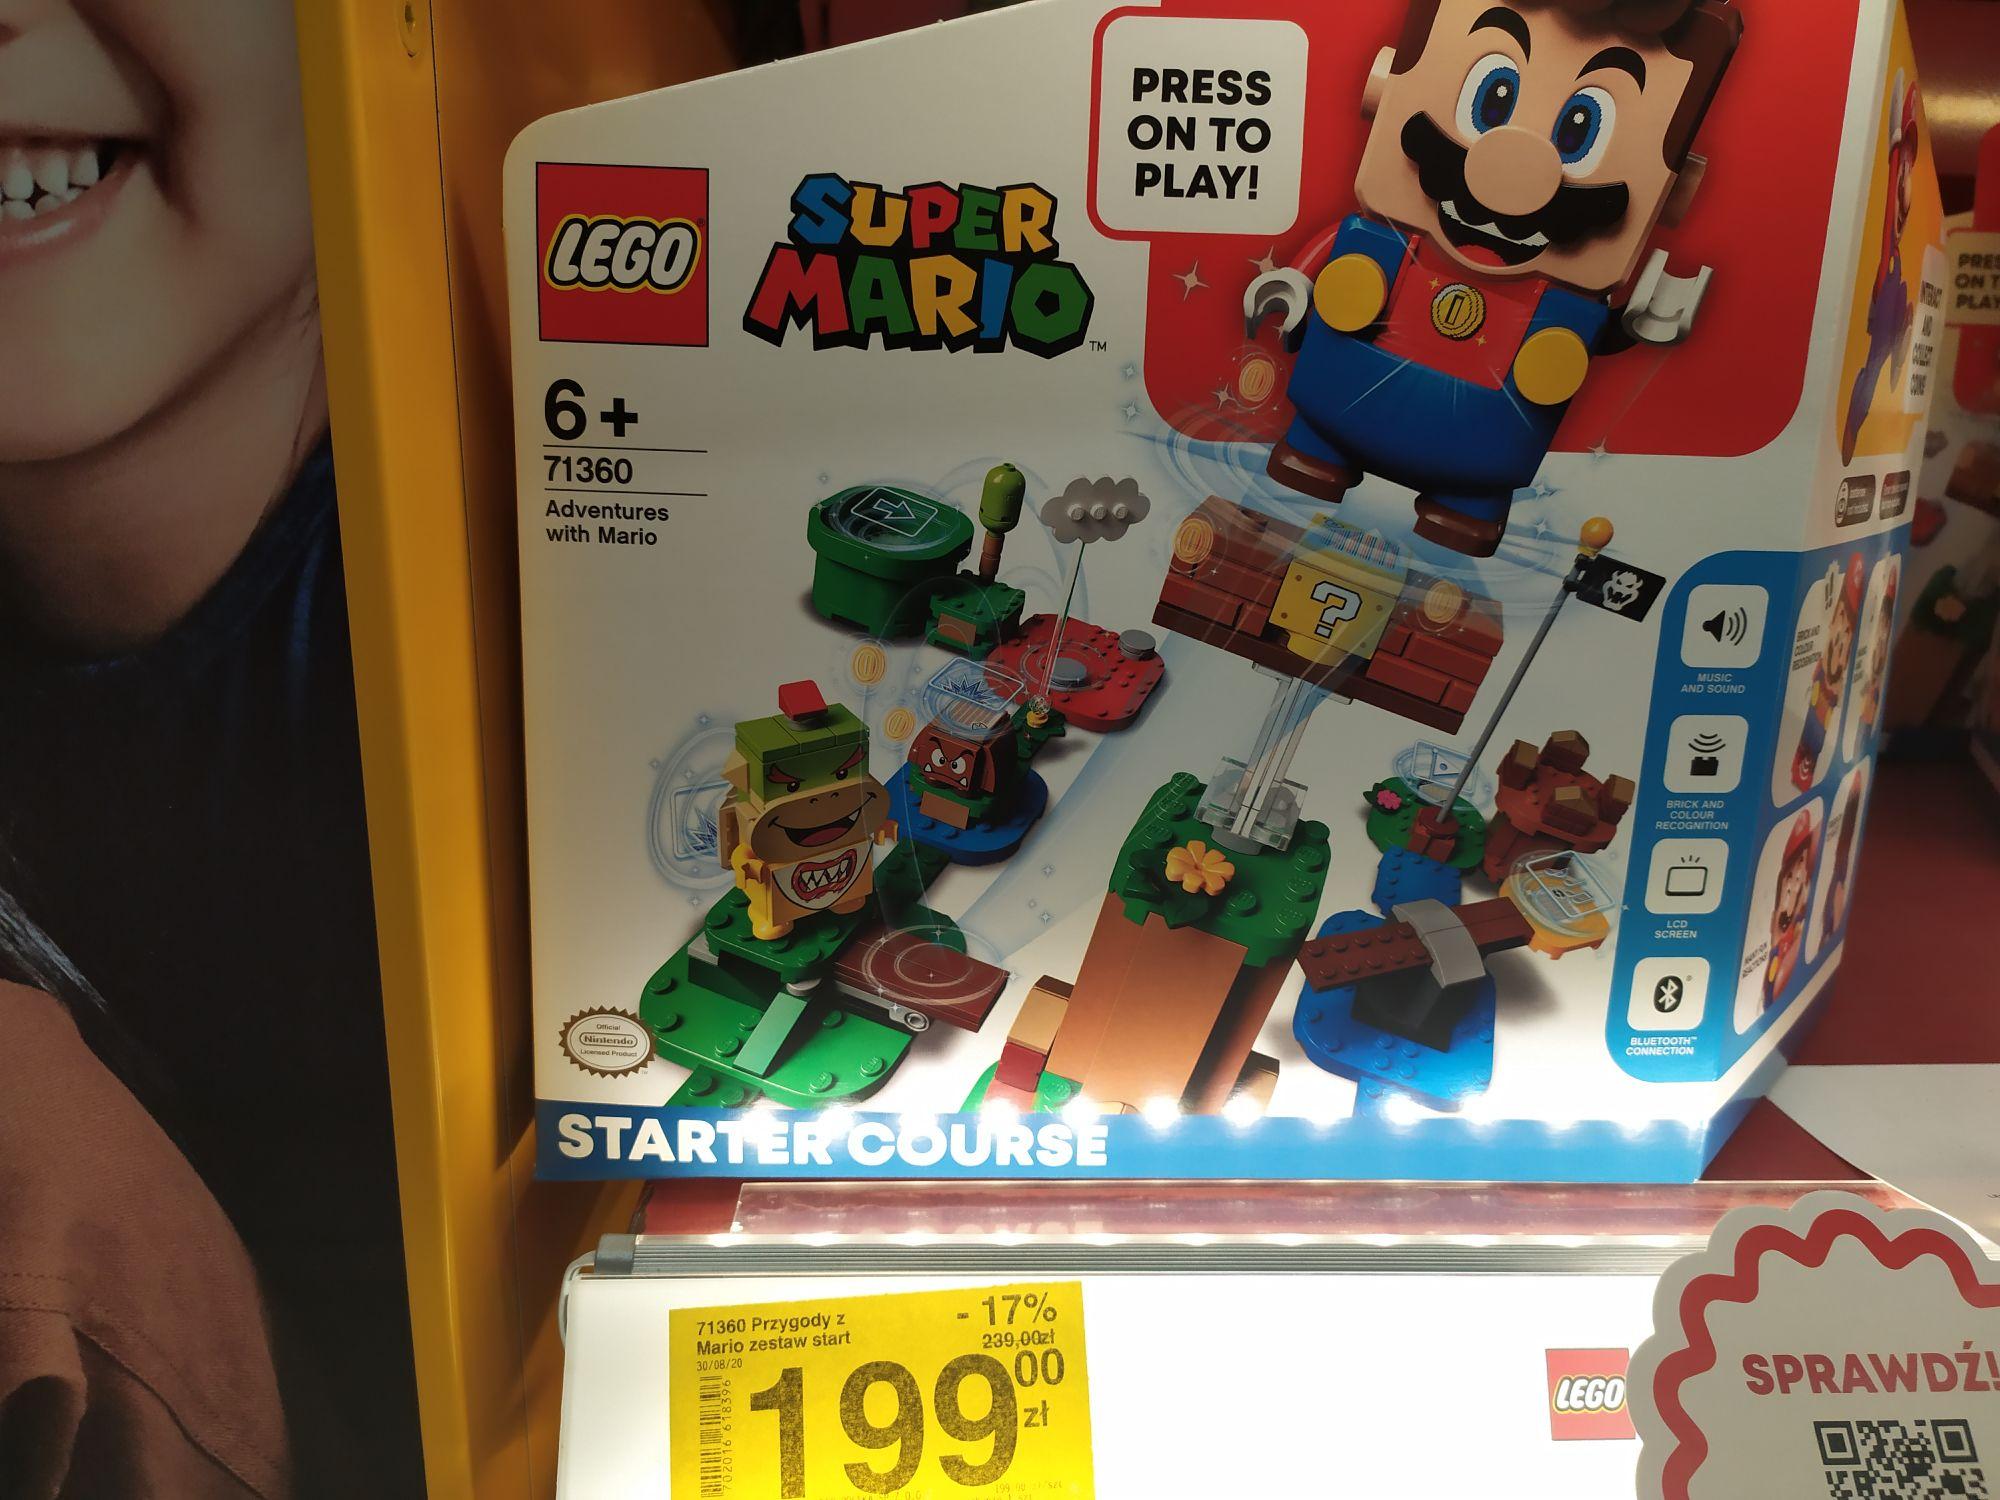 LEGO SUPER MARIO - ZESTAW STARTOWY 71360 (mozliwe 179,10zł z aplikacją)